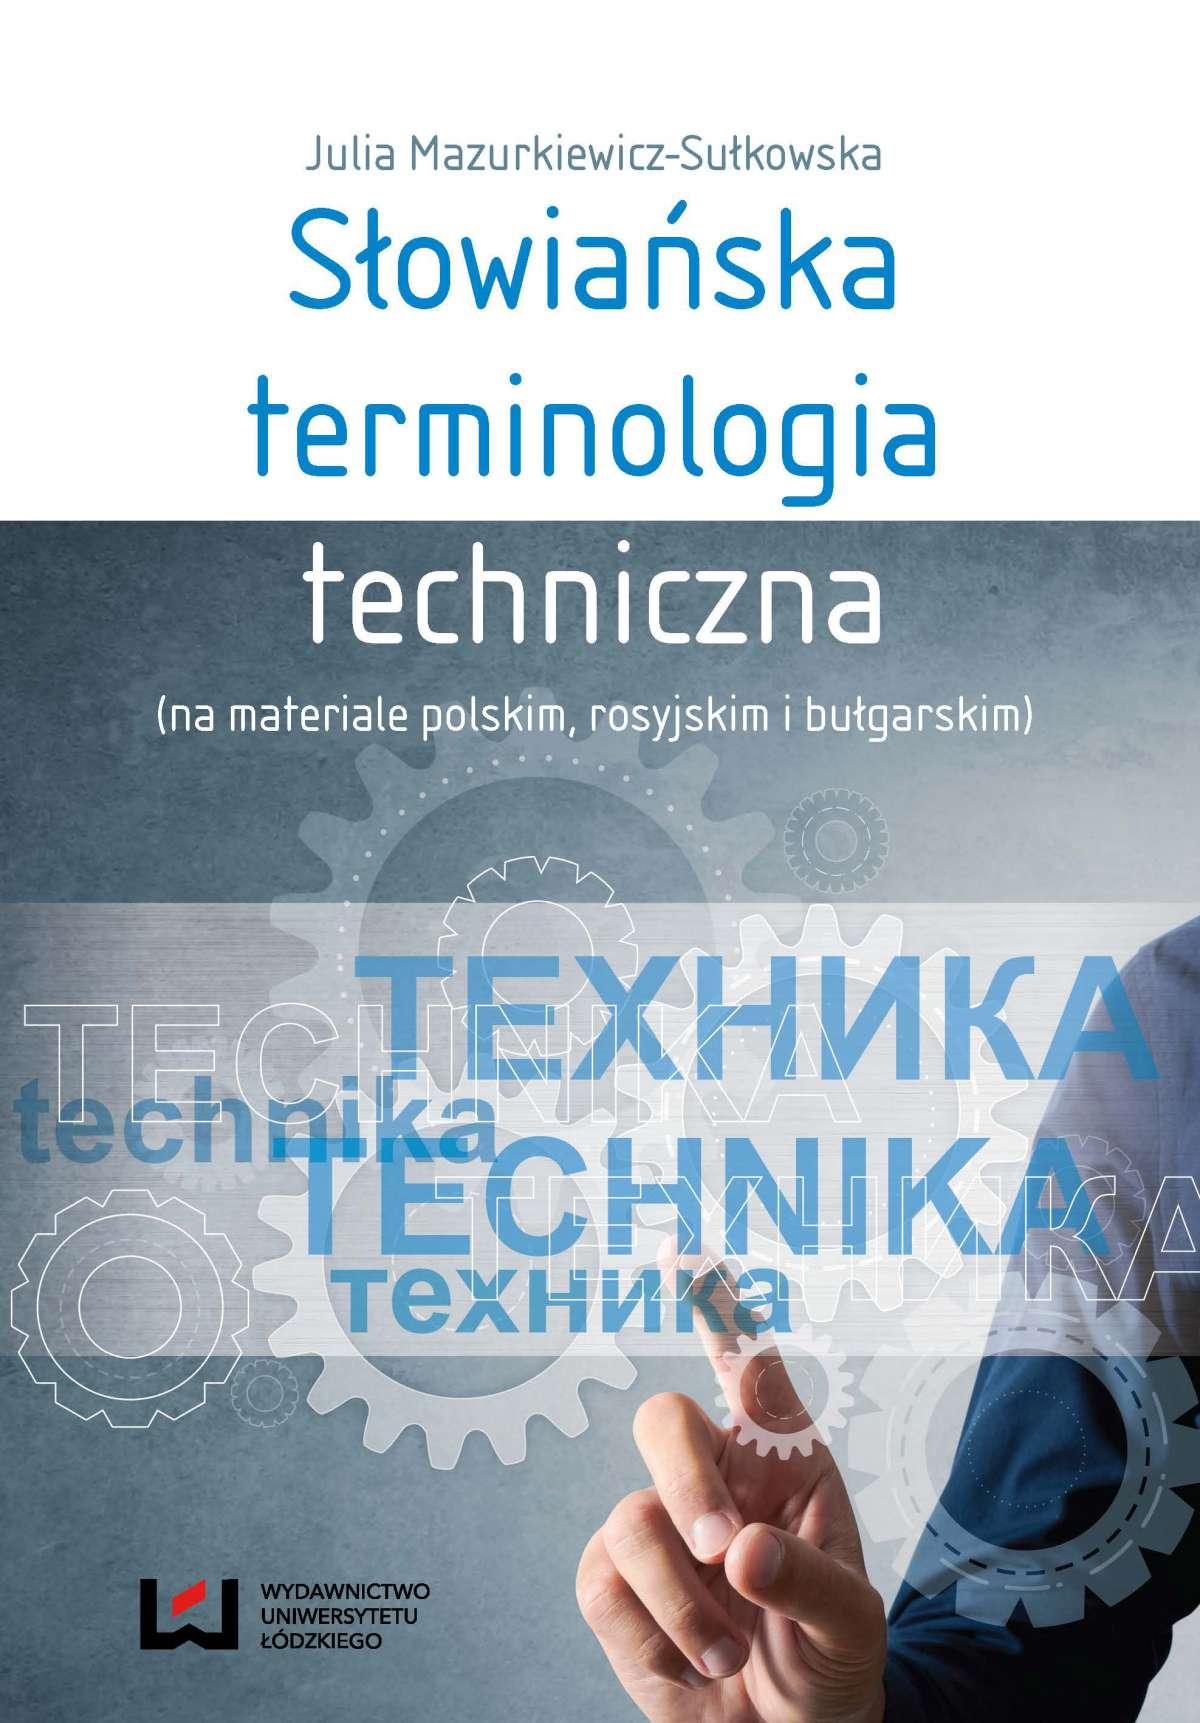 Słowiańska terminologia techniczna (na materiale polskim, rosyjskim i bułgarskim) - Ebook (Książka PDF) do pobrania w formacie PDF